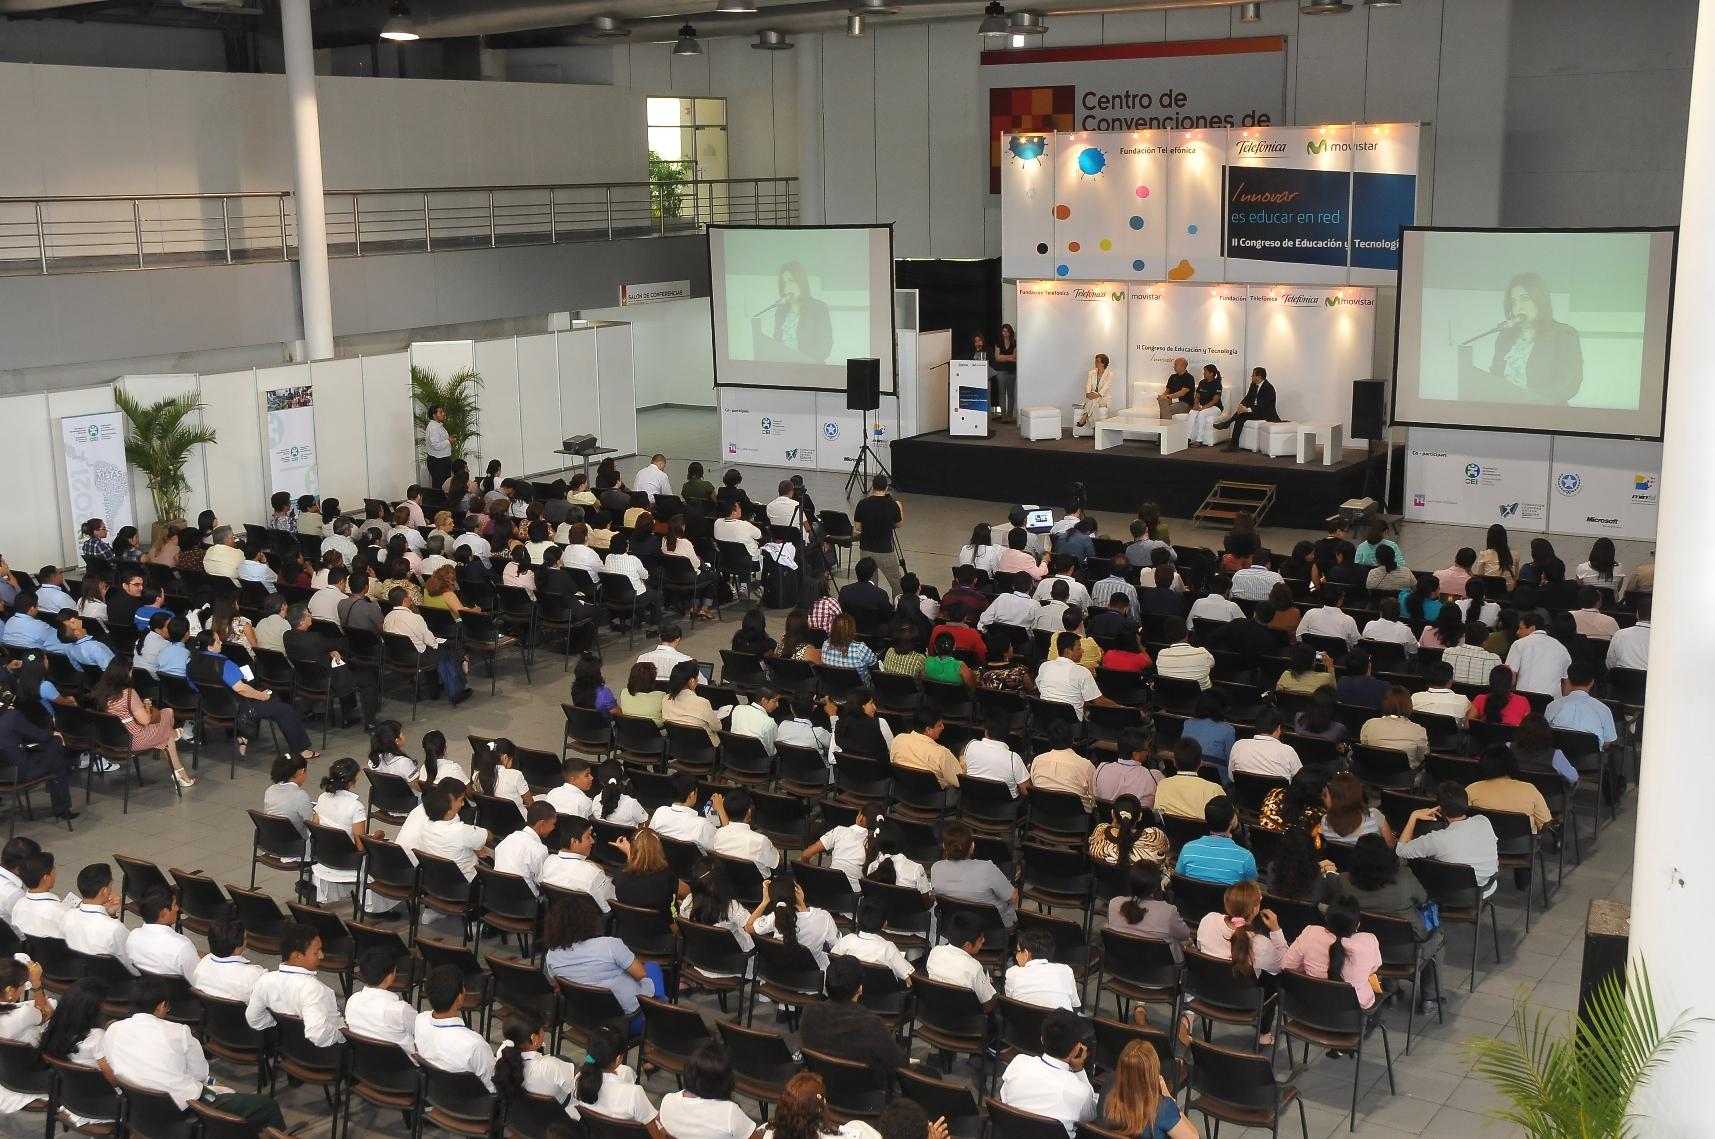 Más de 700 profesionales en comunicación, educación y tecnología asistieron al II Congreso de Educación y Tecnología: Innovar es educar en Red